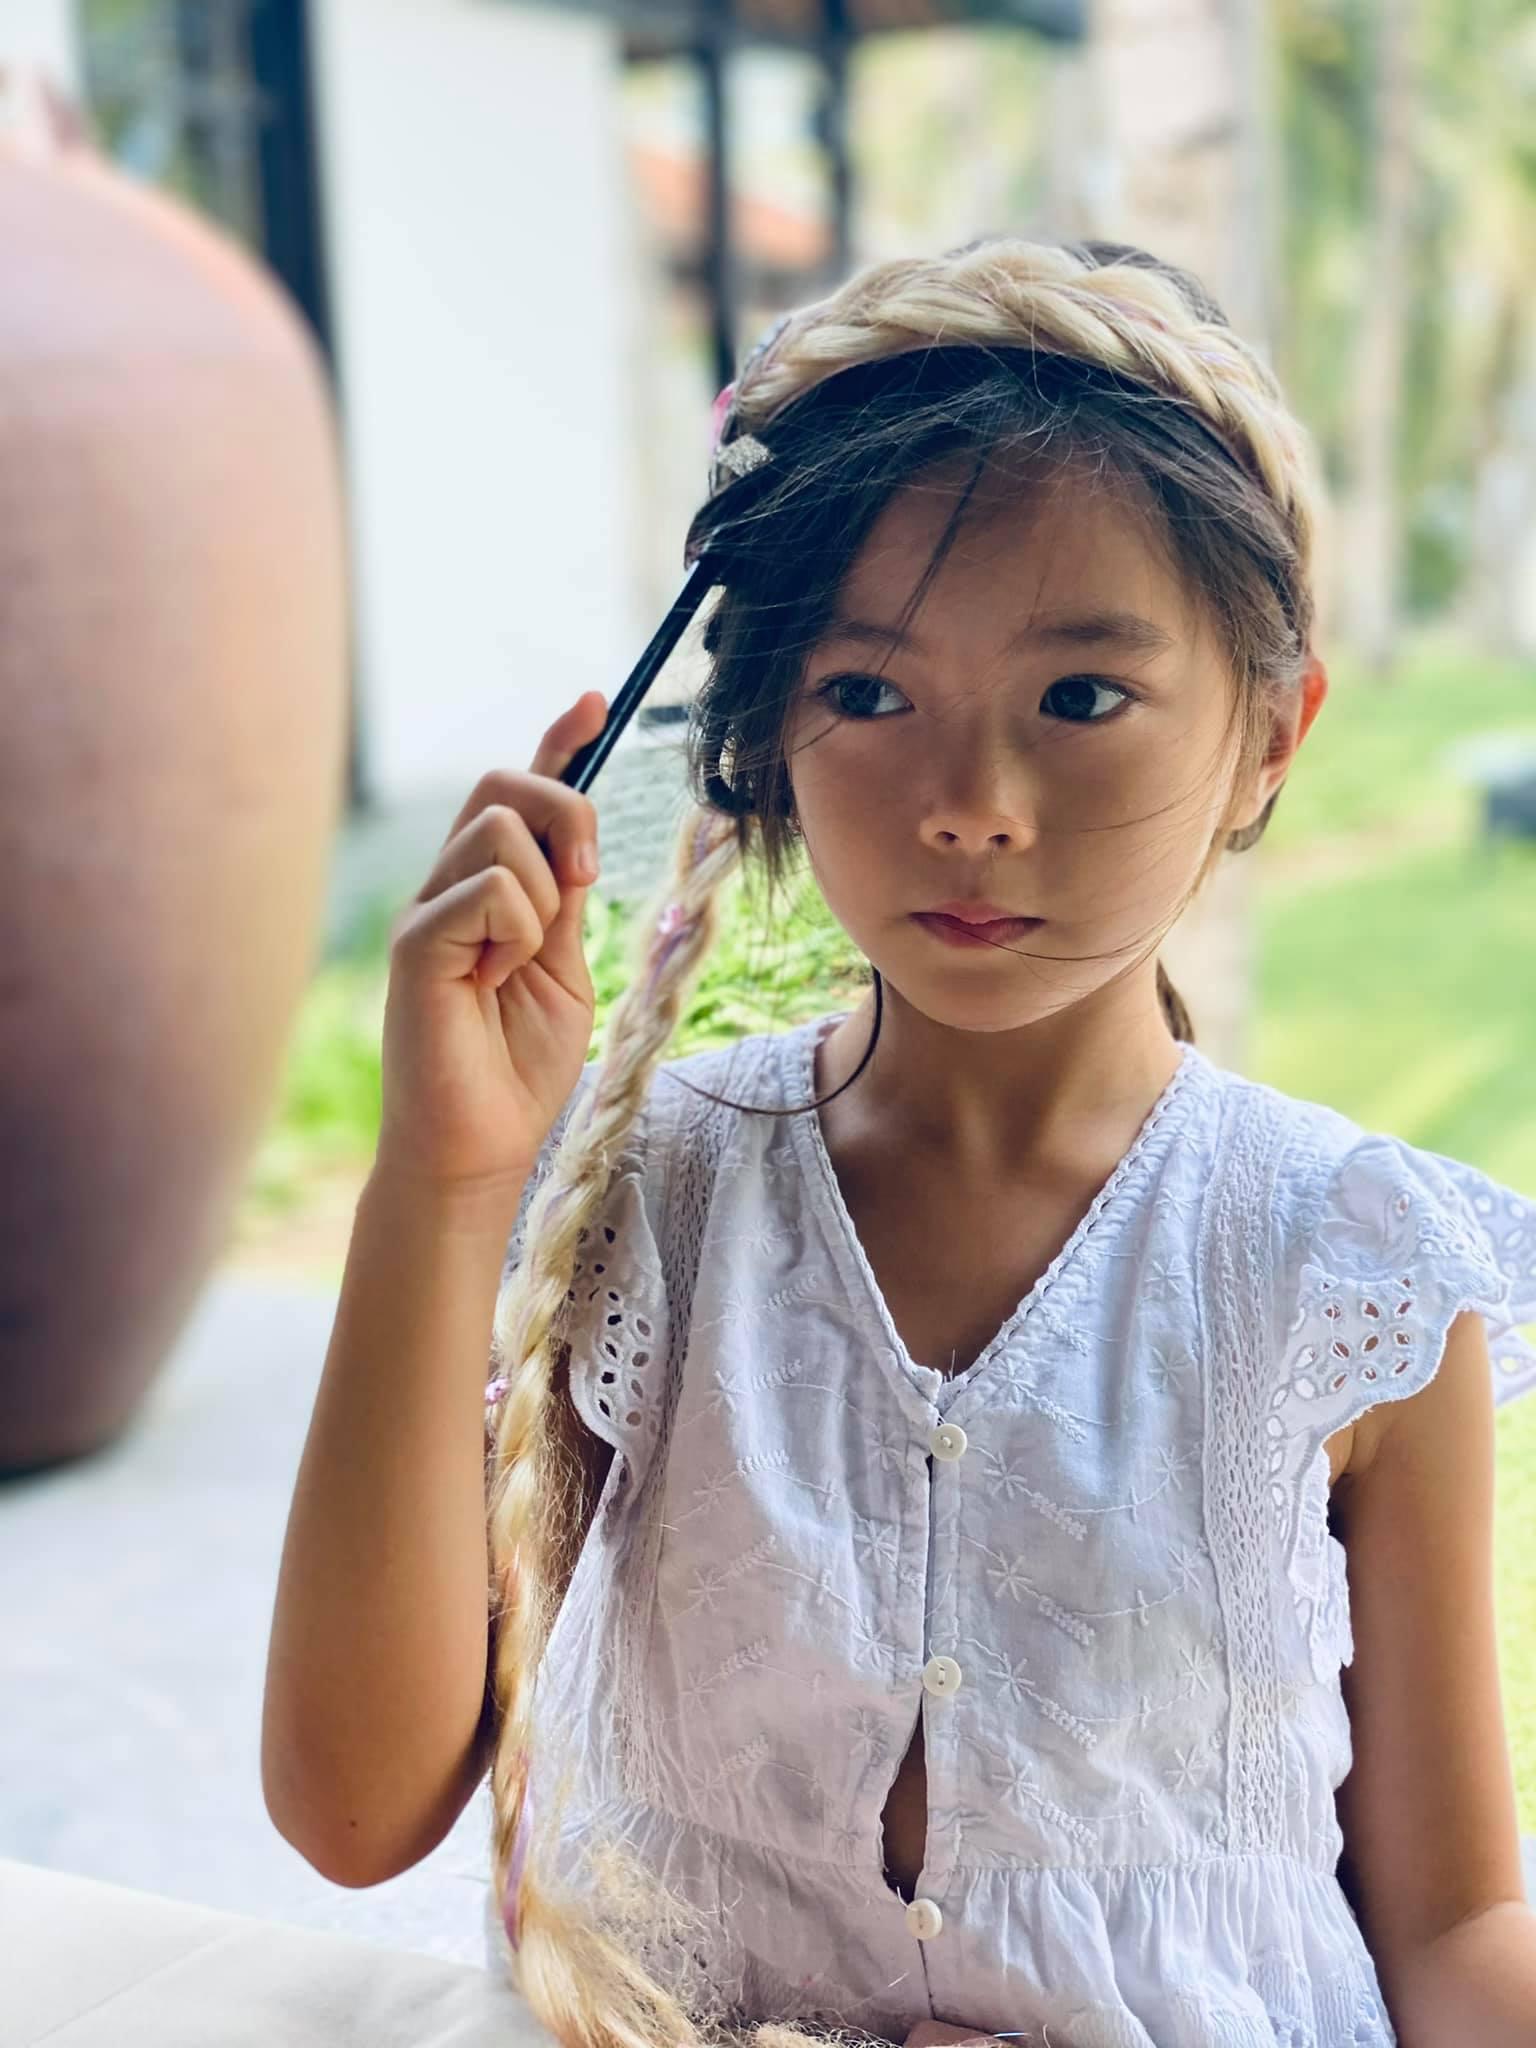 Con gái Đoan Trang bùng nổ visual qua bộ ảnh mẹ chụp, mới bé xíu mà thần thái và nhan sắc ra dáng mỹ nhân Vbiz tương lai! - Ảnh 2.